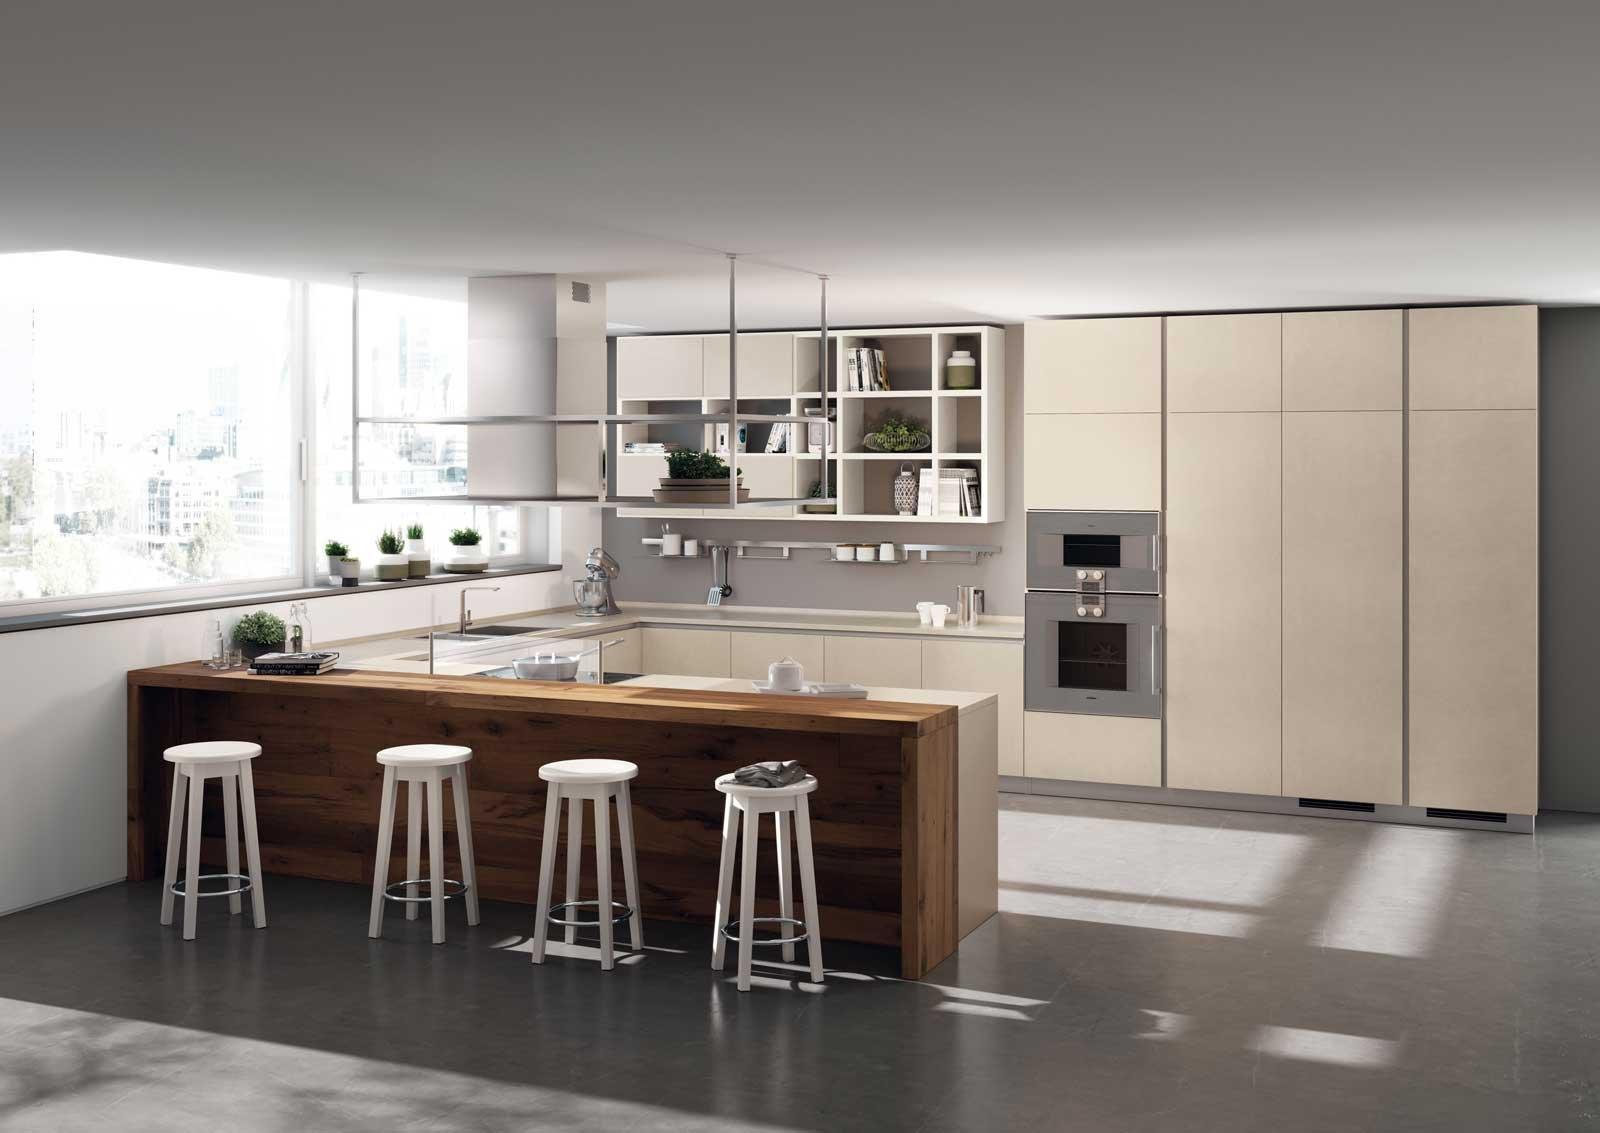 Progettare Una Cucina Componibile. Stunning Progettare Una Cucina ...